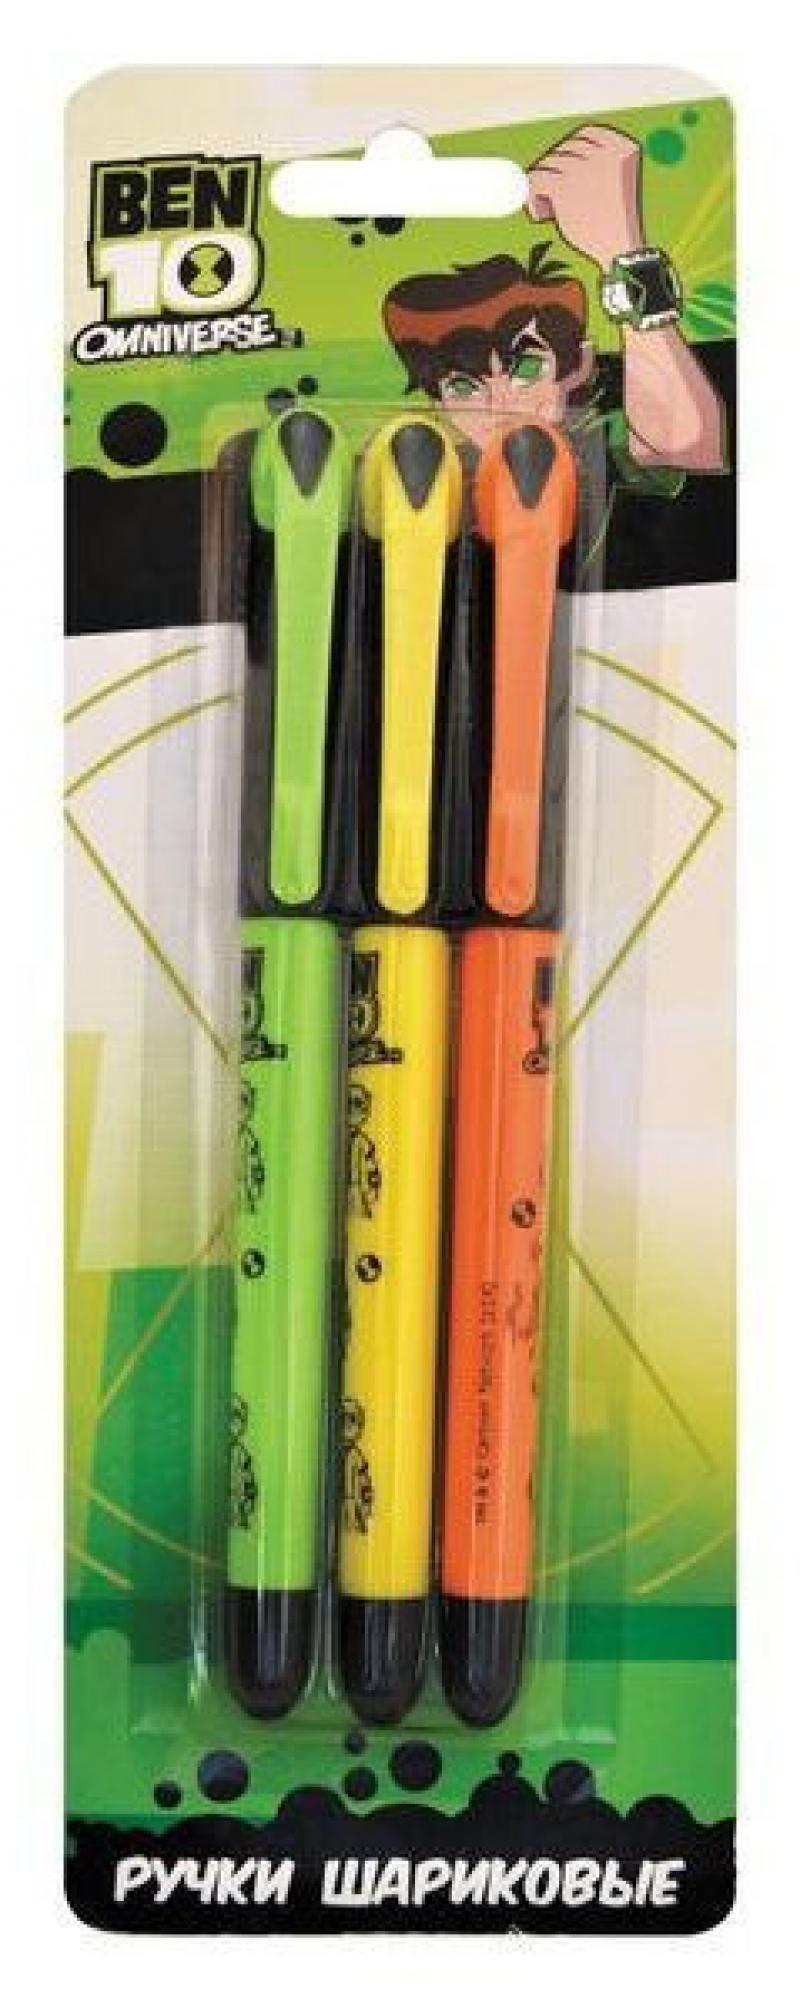 Набор шариковых ручек автоматическая Action! BEN10 3 шт синий BT-ABP152/3 BT-ABP152/3 набор шариковых ручек стамм ро06 3 шт разноцветный 1 мм ро06